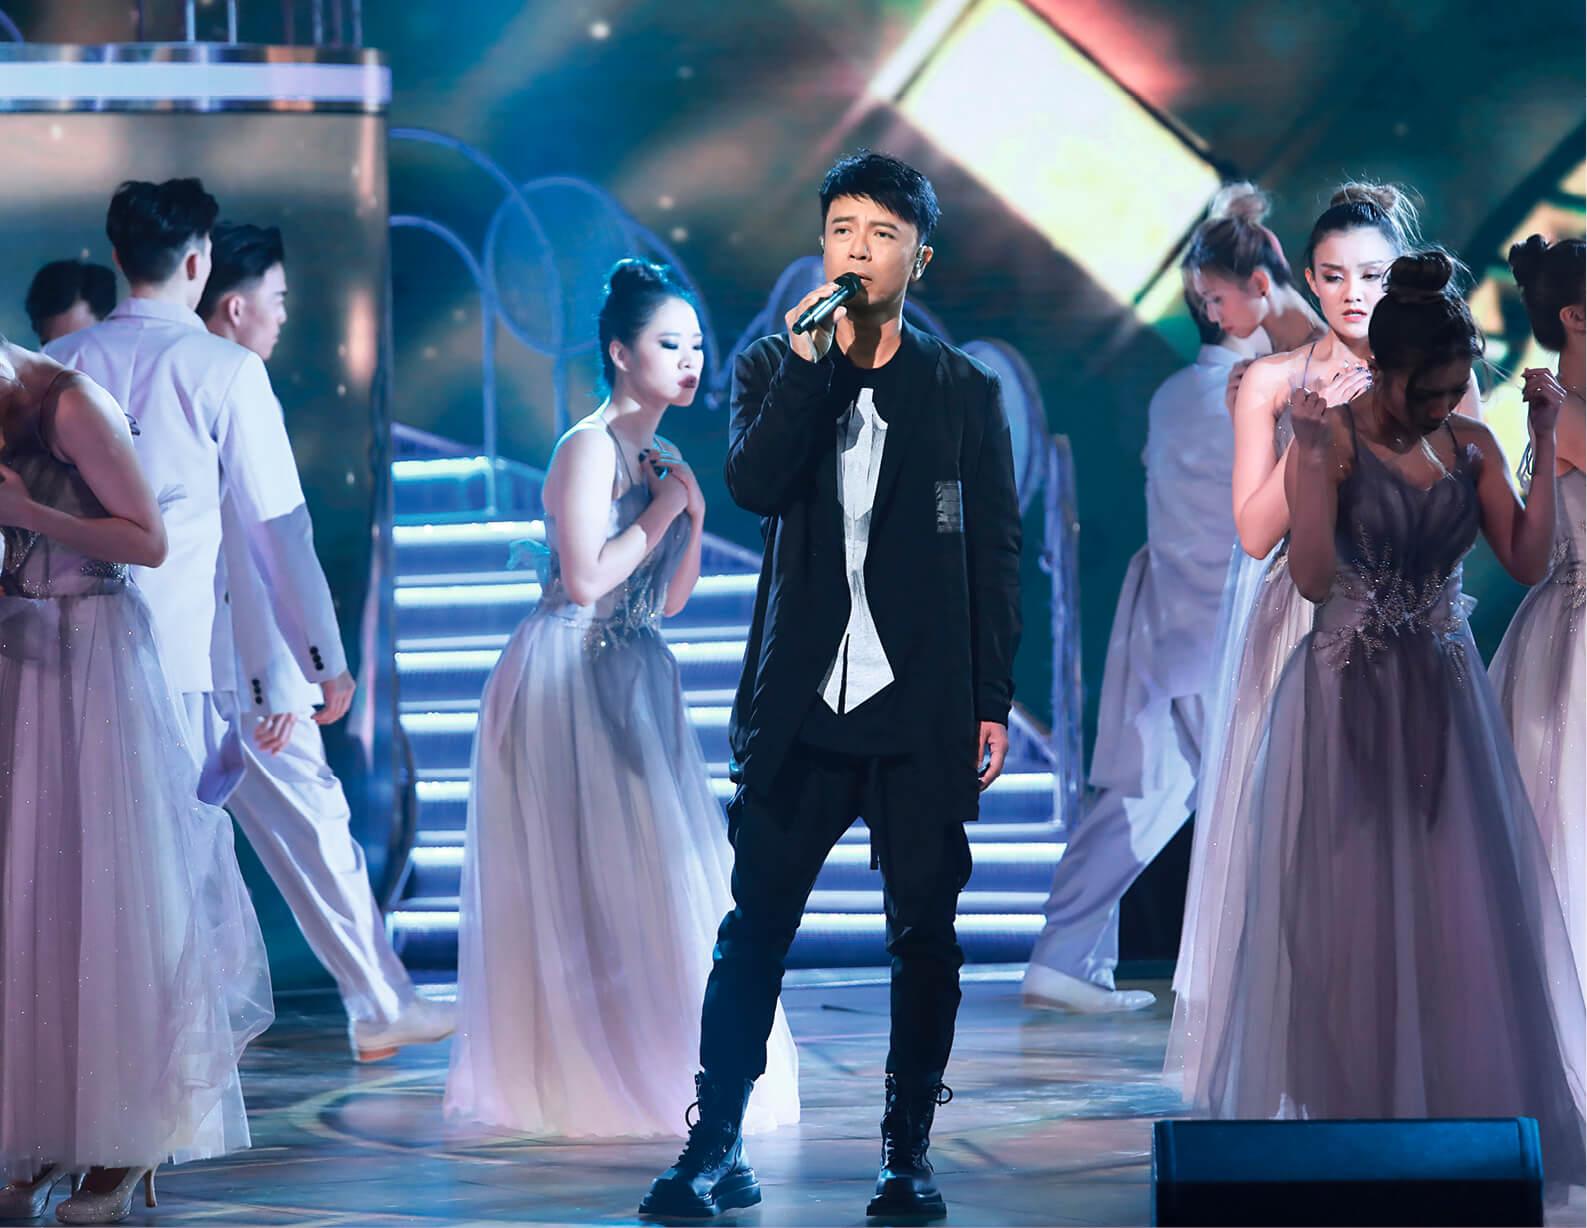 《聲夢》除了由歌手和音樂人組成的二十五位評審團外,亦有李克勤等一線歌手參與。